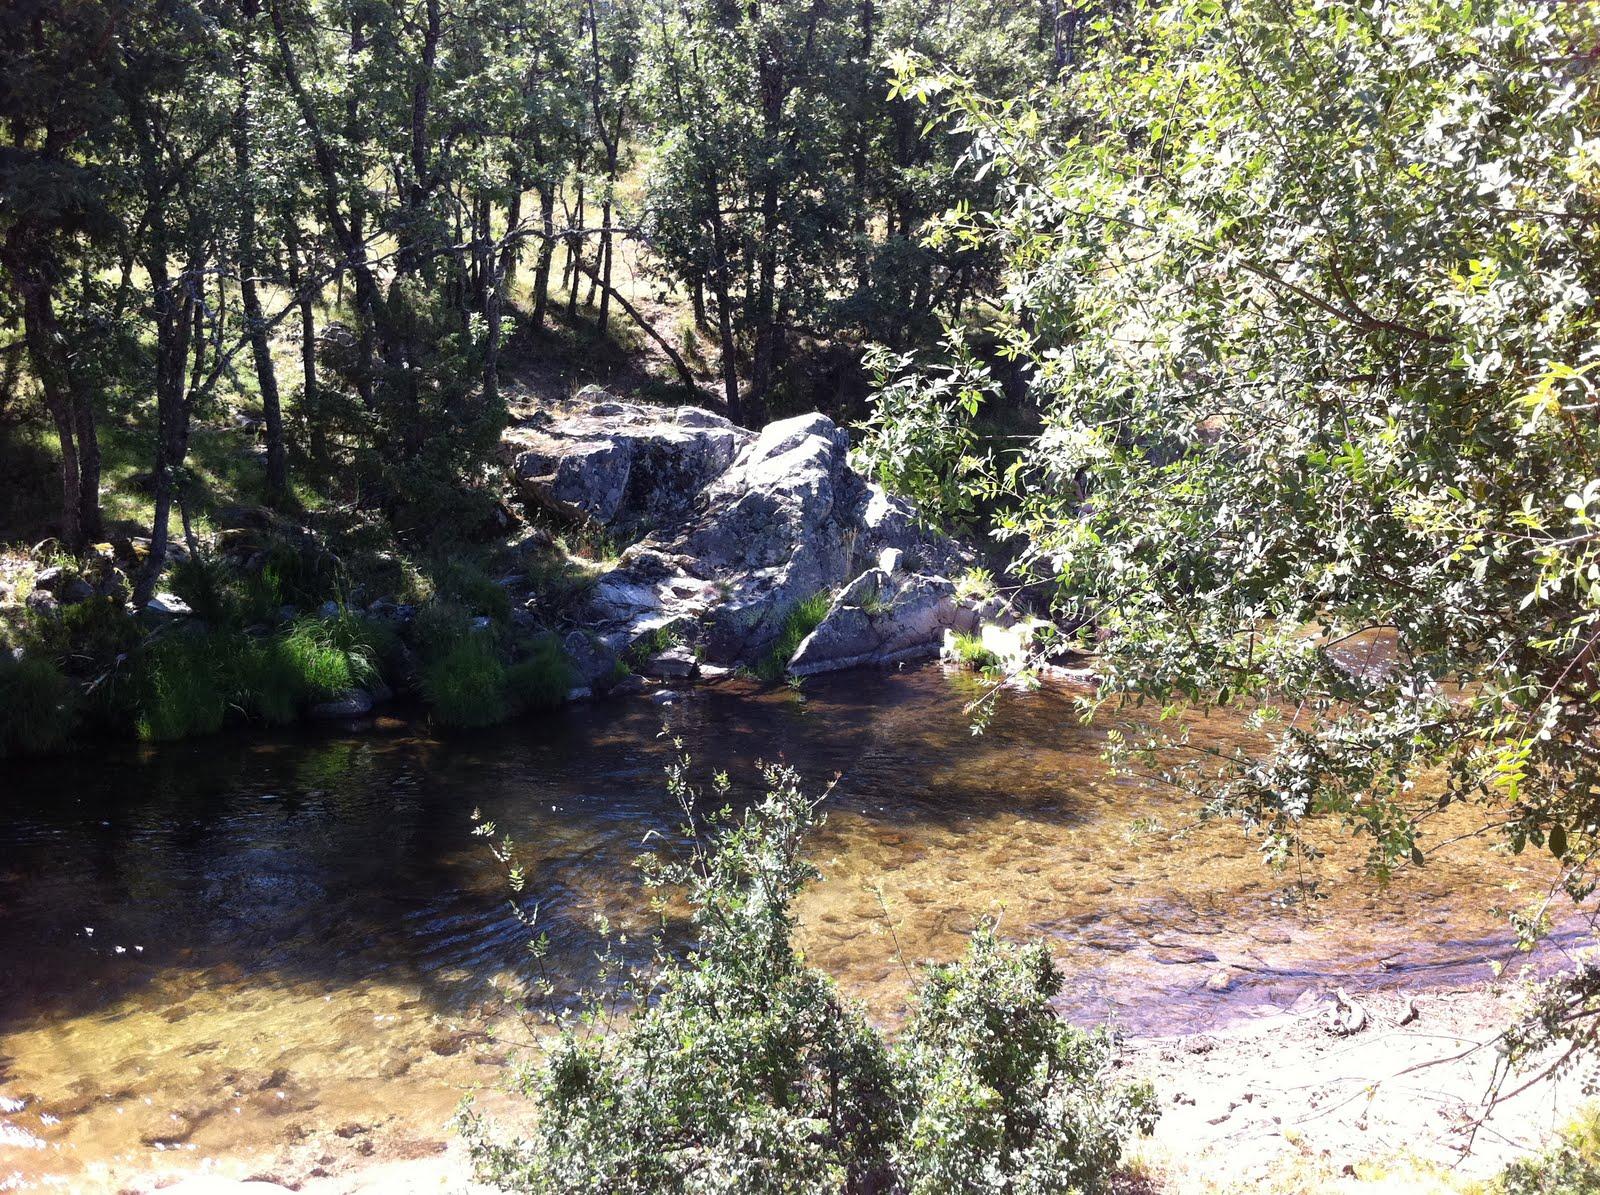 Losaunmasbajitos madrid piscinas naturales las presillas for Aguas termales naturales madrid